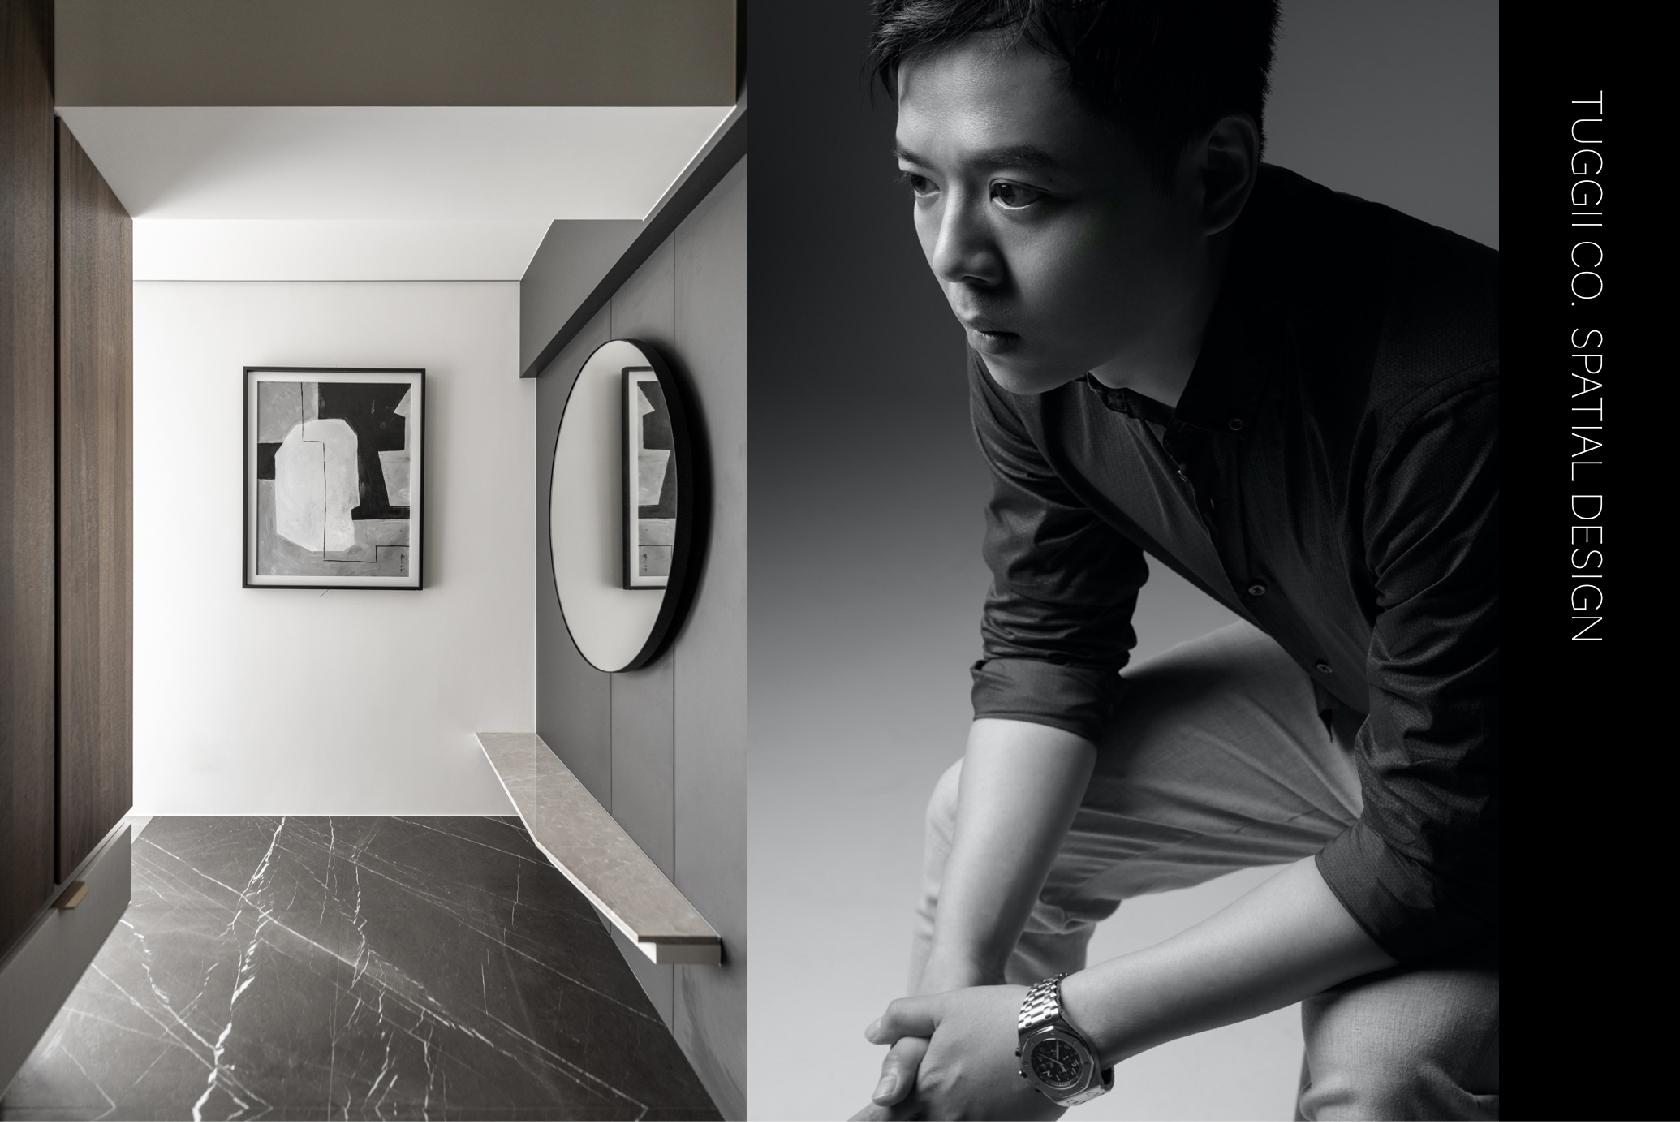 開創室內設計新藍海│彤雲潤景CEO黃奕景 設計的新時代解方